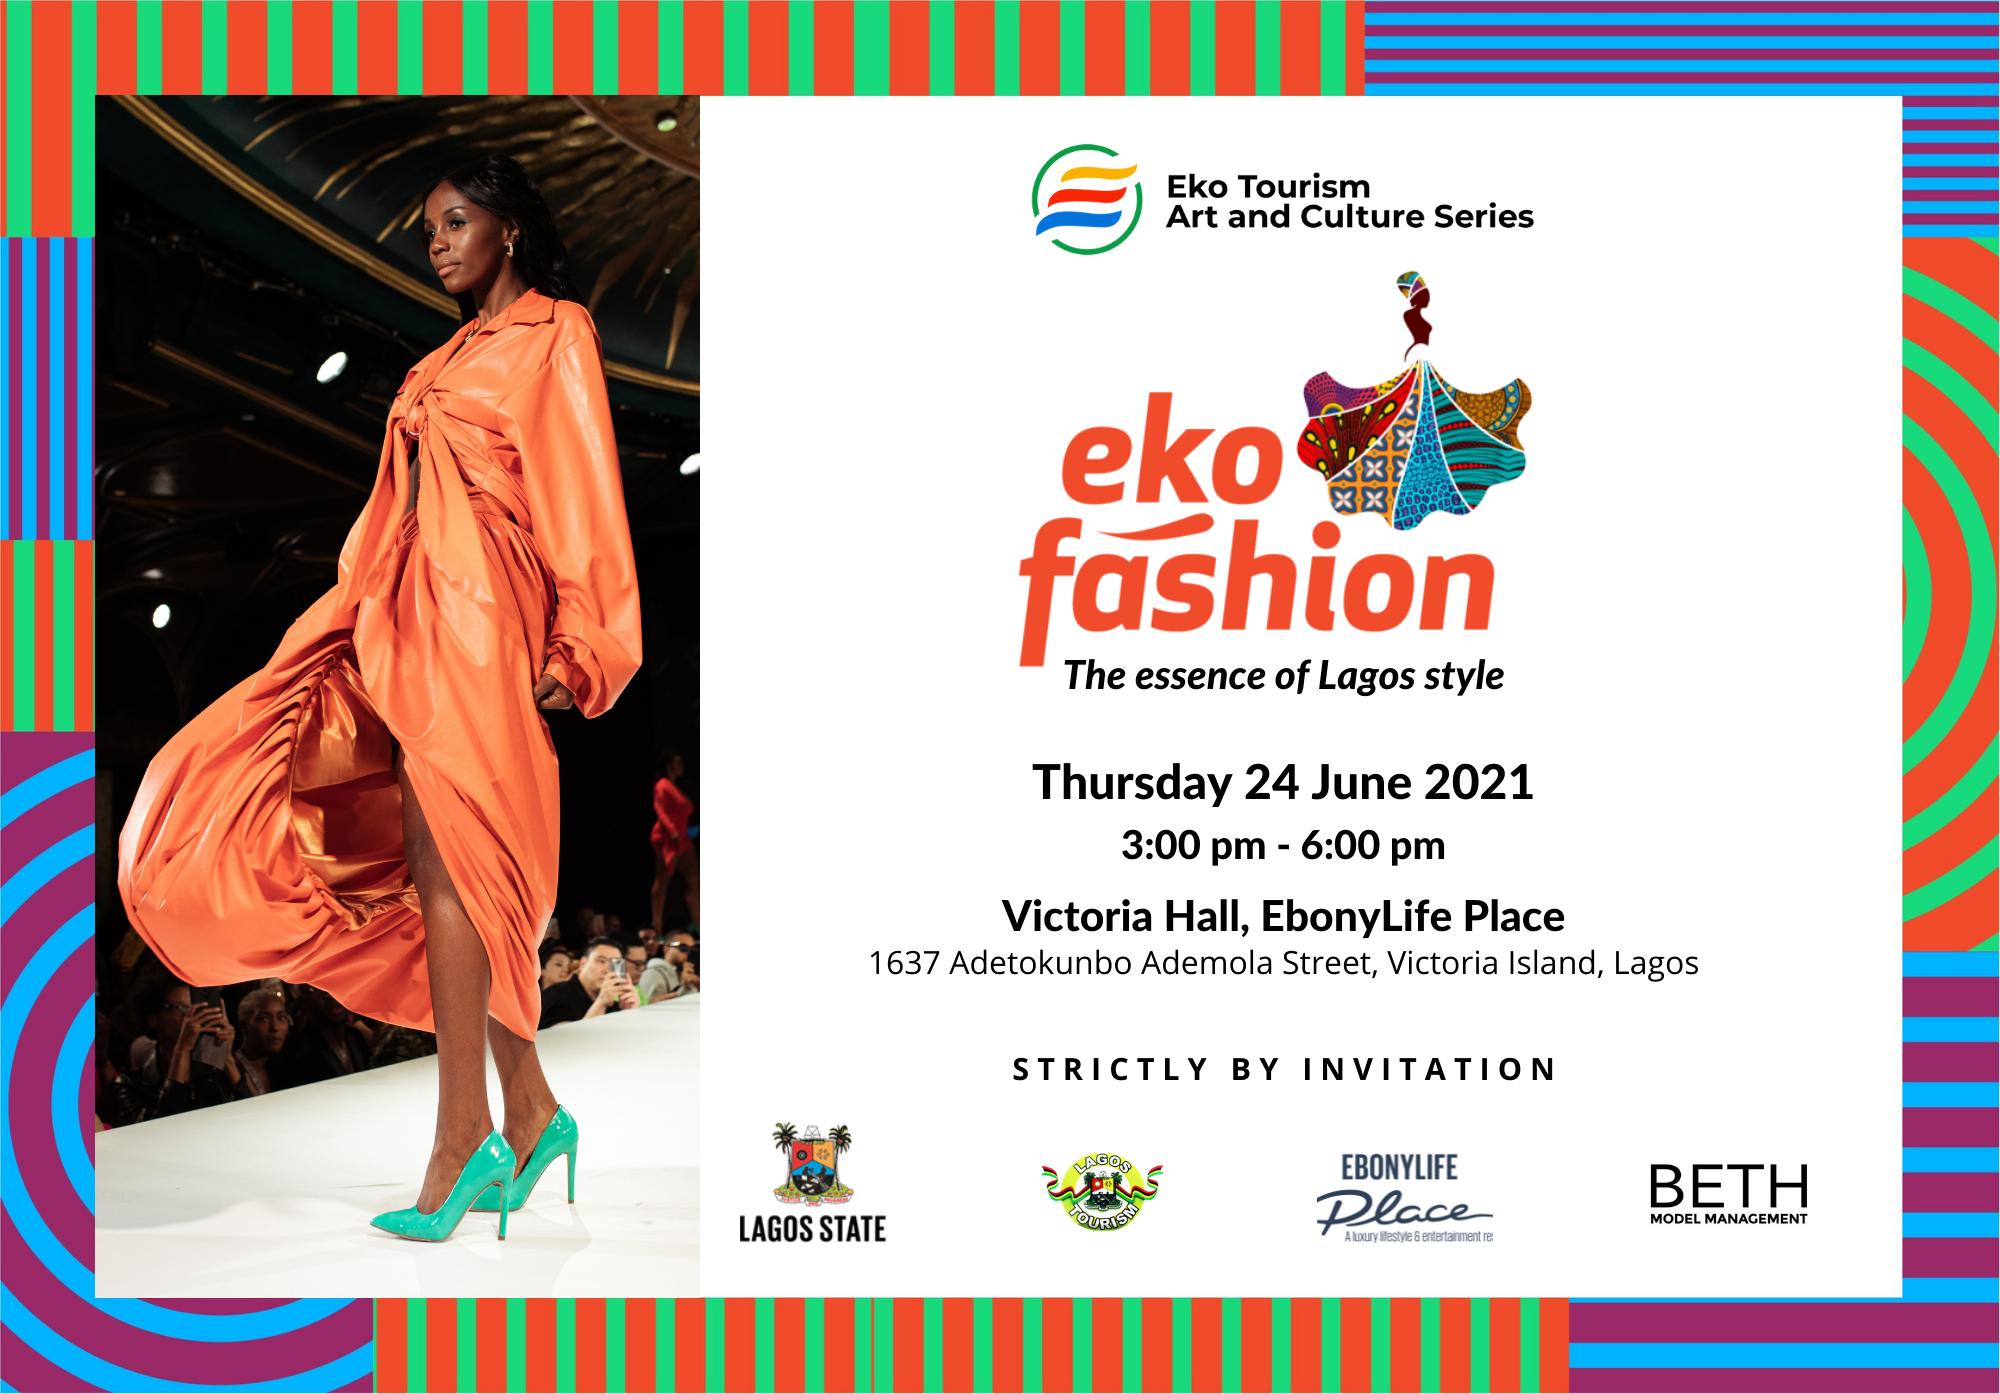 Eko Fashion